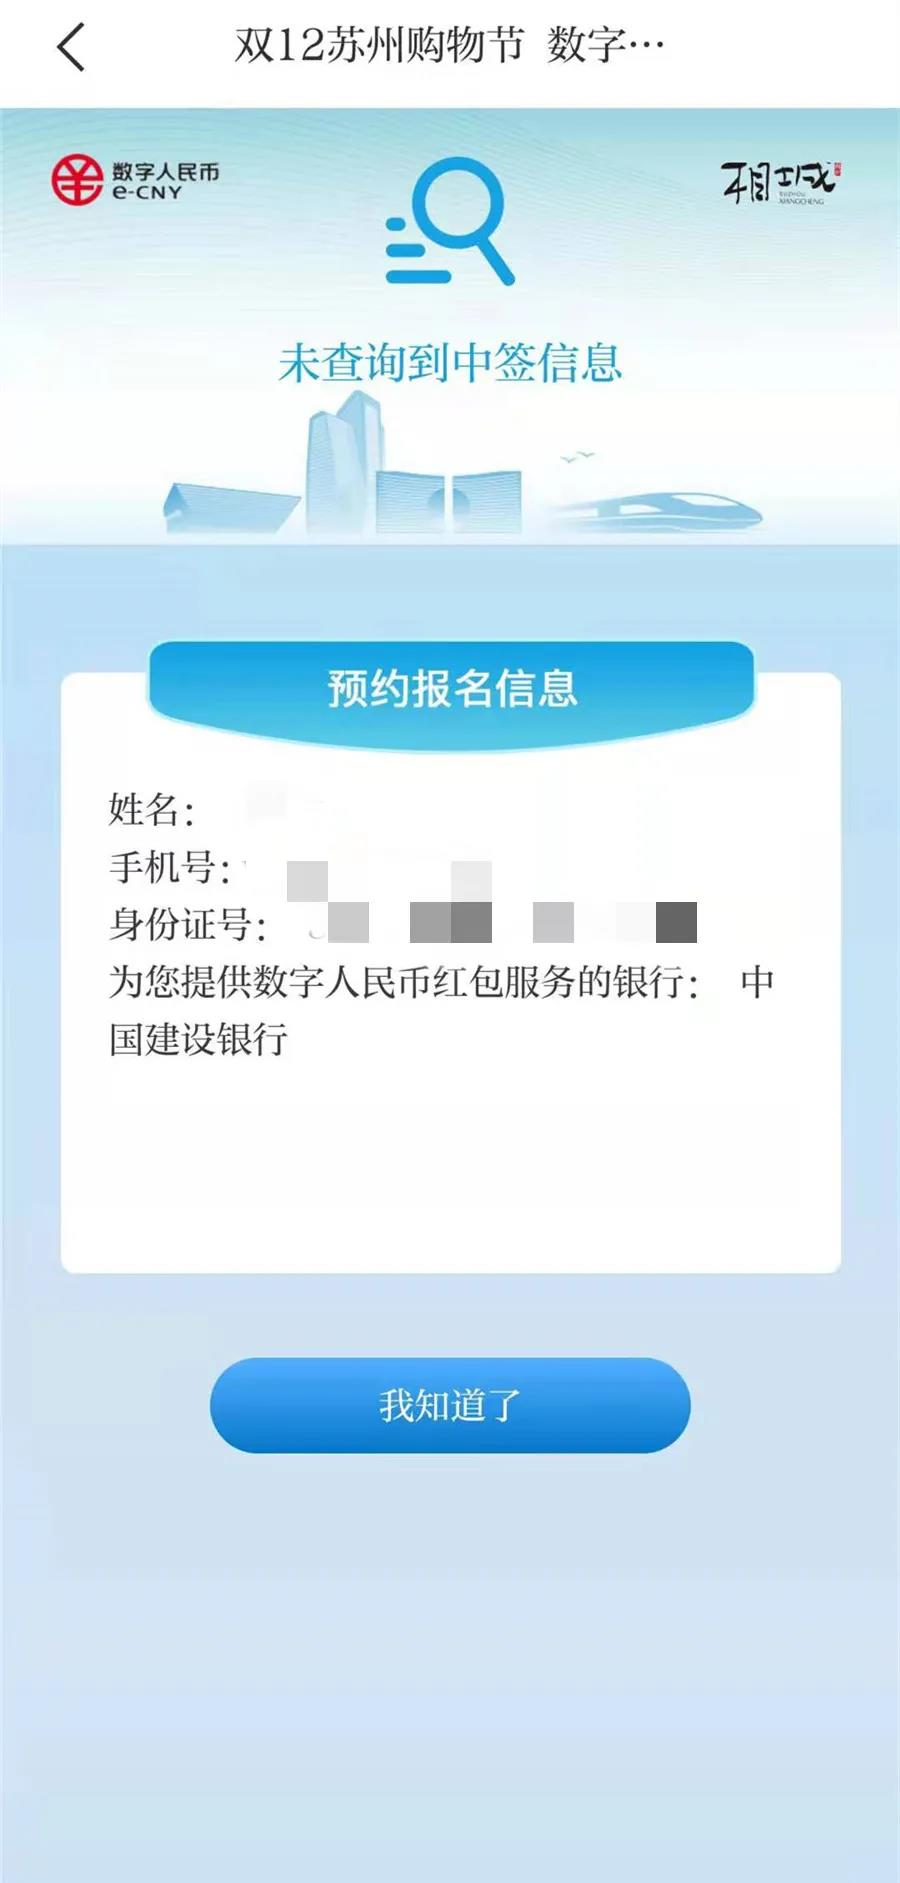 苏州10万个数字人民币红包已到账 将于今晚20时生效_外汇交易指标